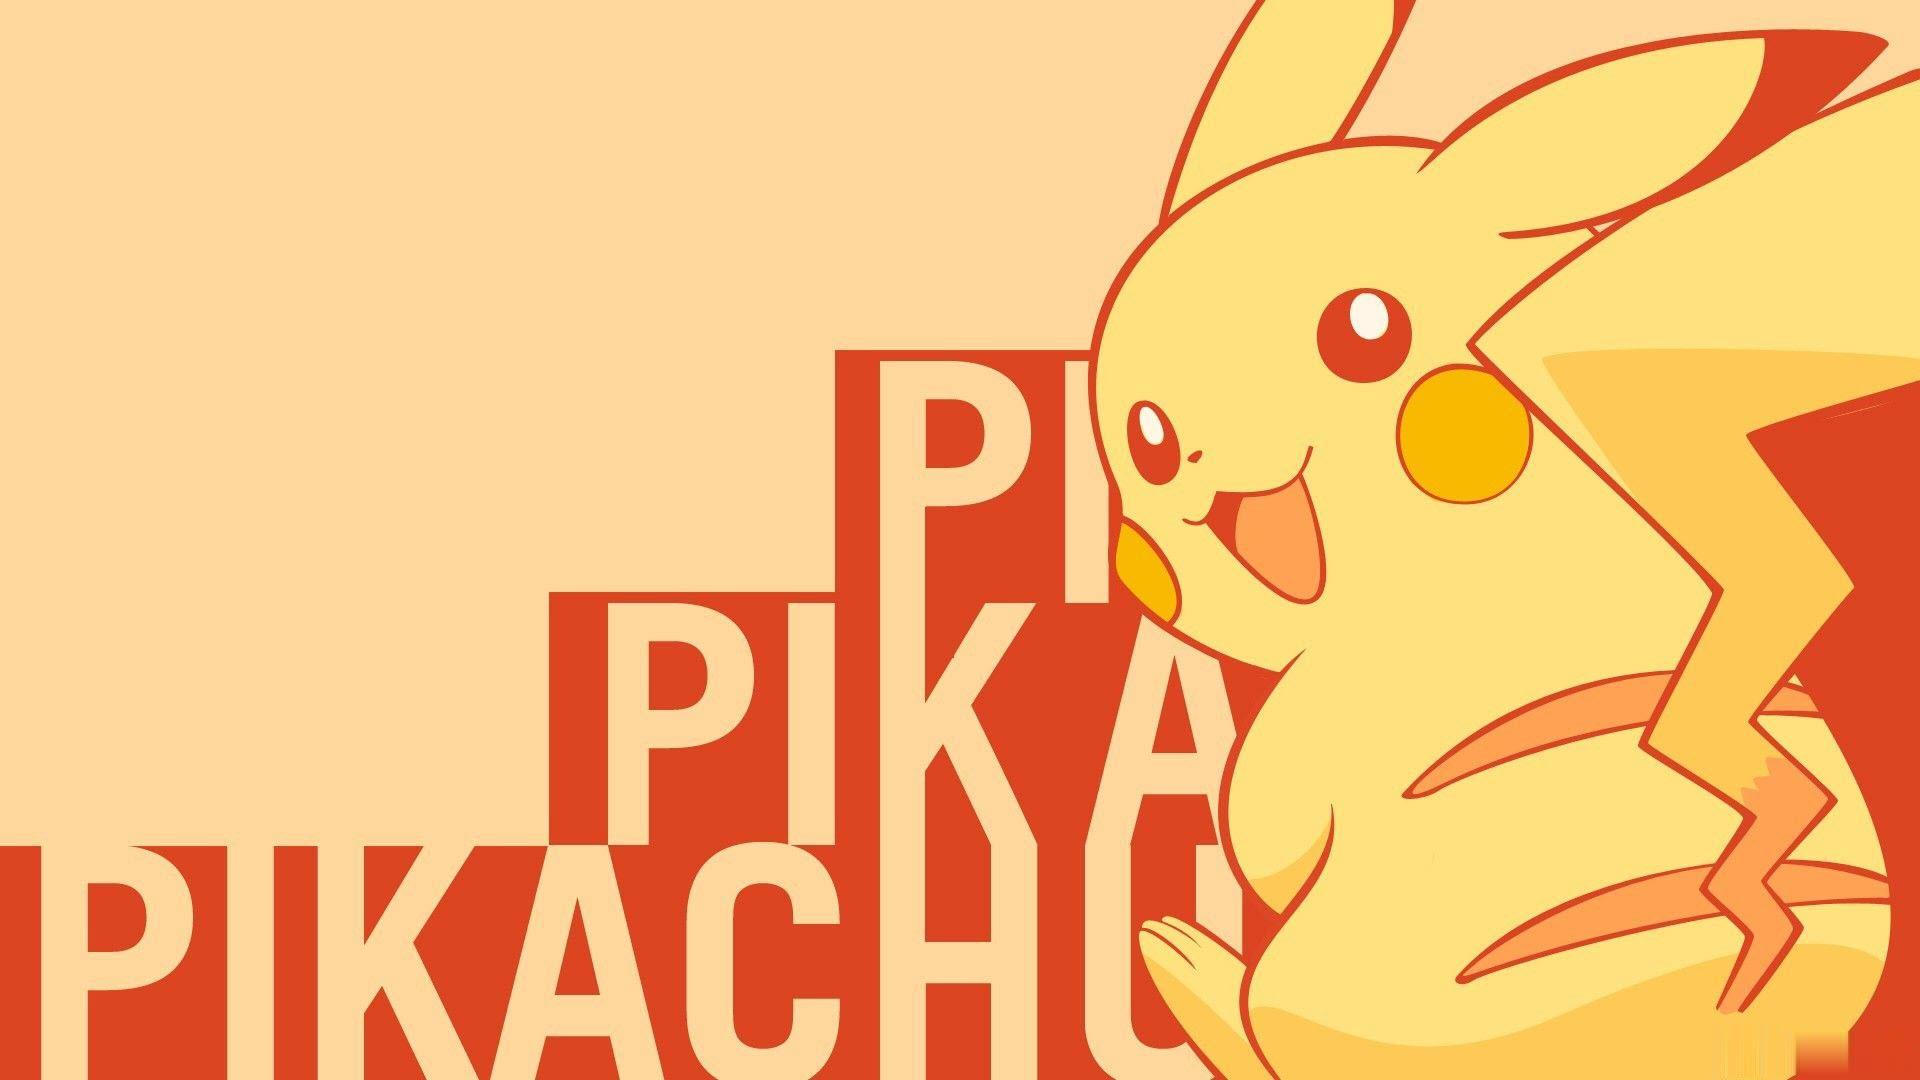 Hình nền Pikachu đẹp, dễ thương